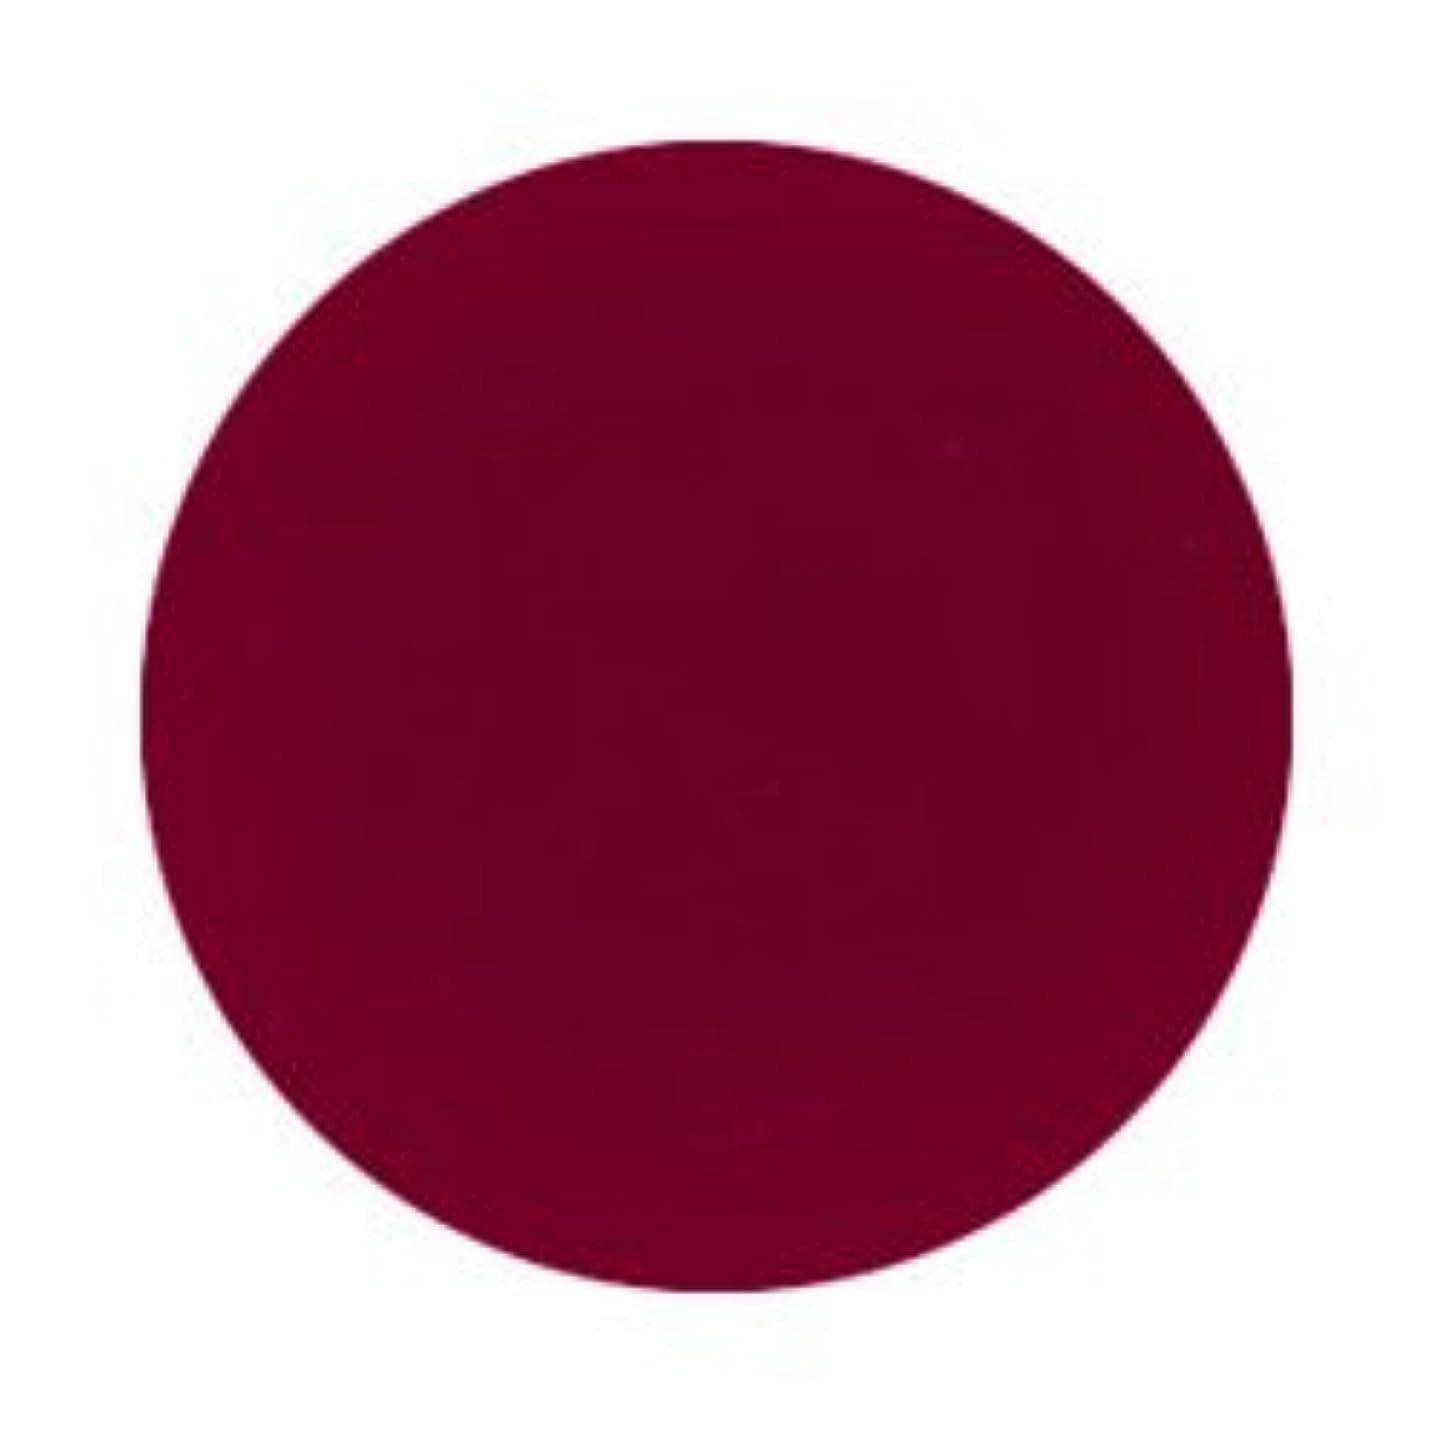 ミケランジェロ岩図書館★JESSICA(ジェシカ) <BR>ジェレレーション カラー 15ml<BR>290 マーロット